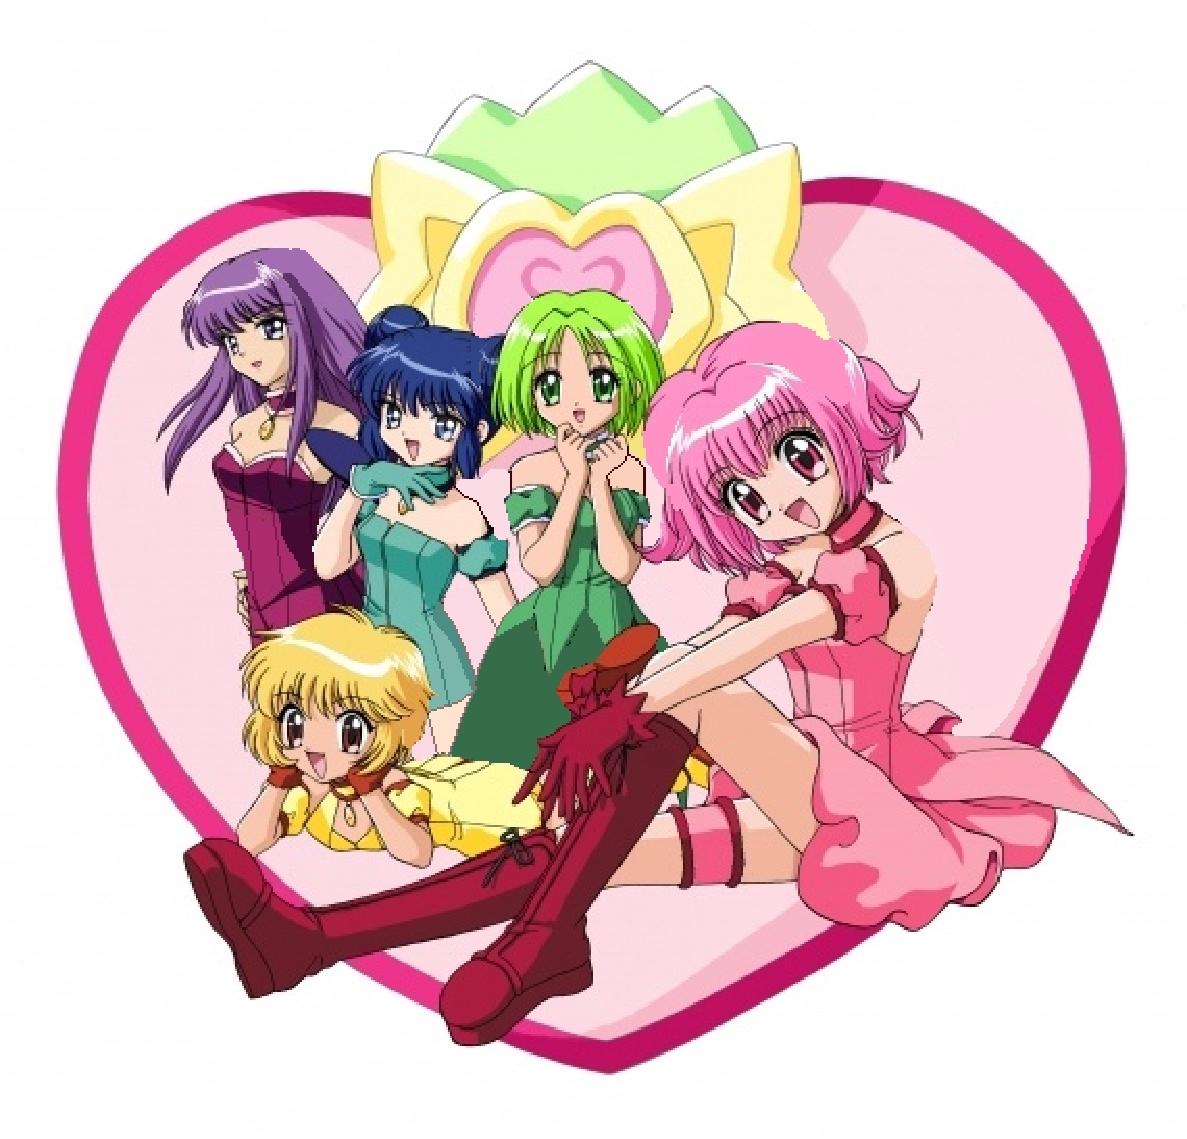 mew power wallpaper anime - photo #46